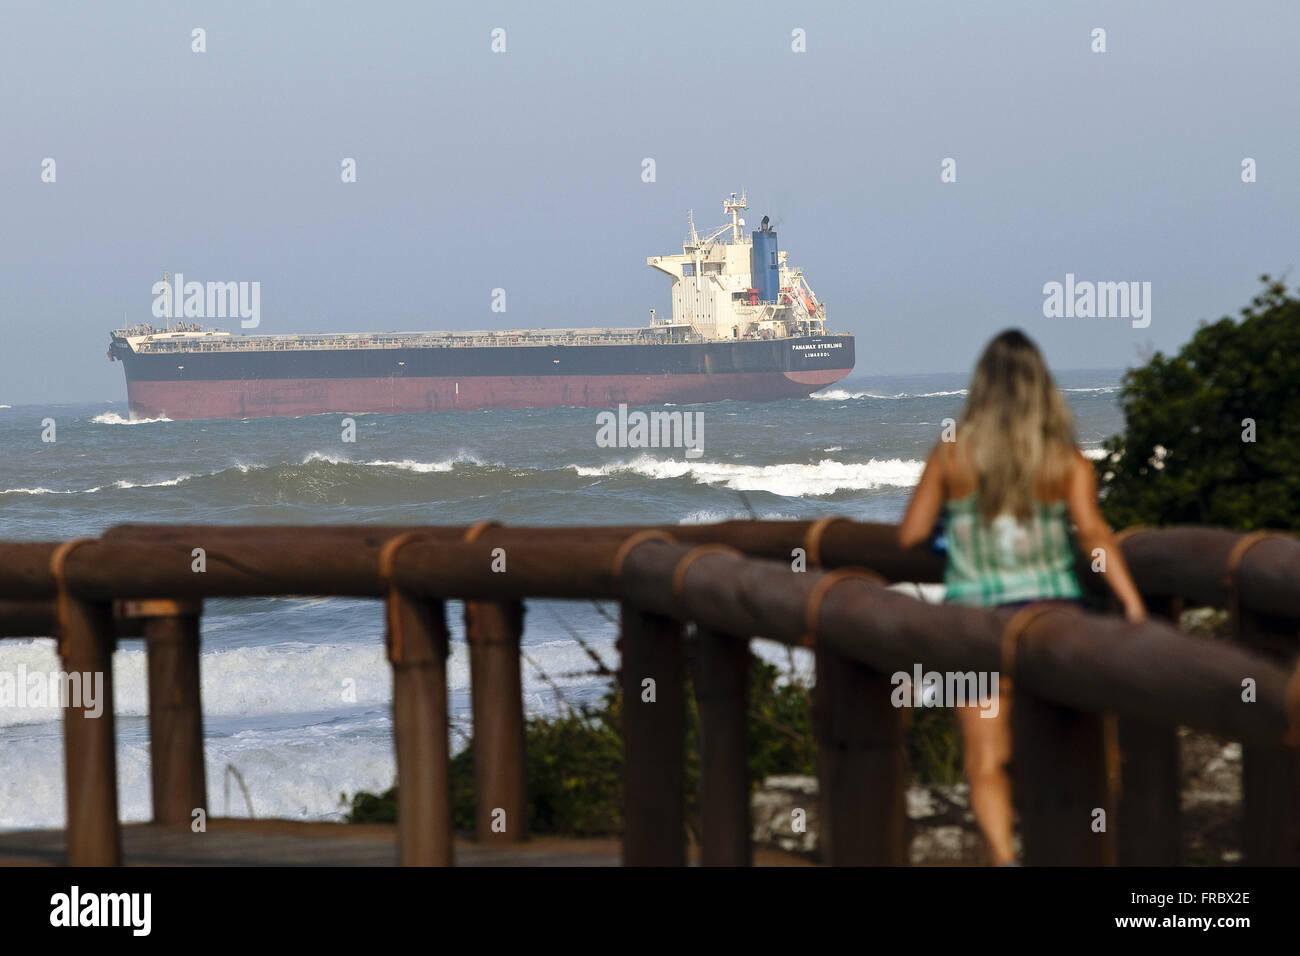 Sobre la madera del muelle turístico y el Fondo depósito acercándose a la bahía de Paranaguá, Imagen De Stock